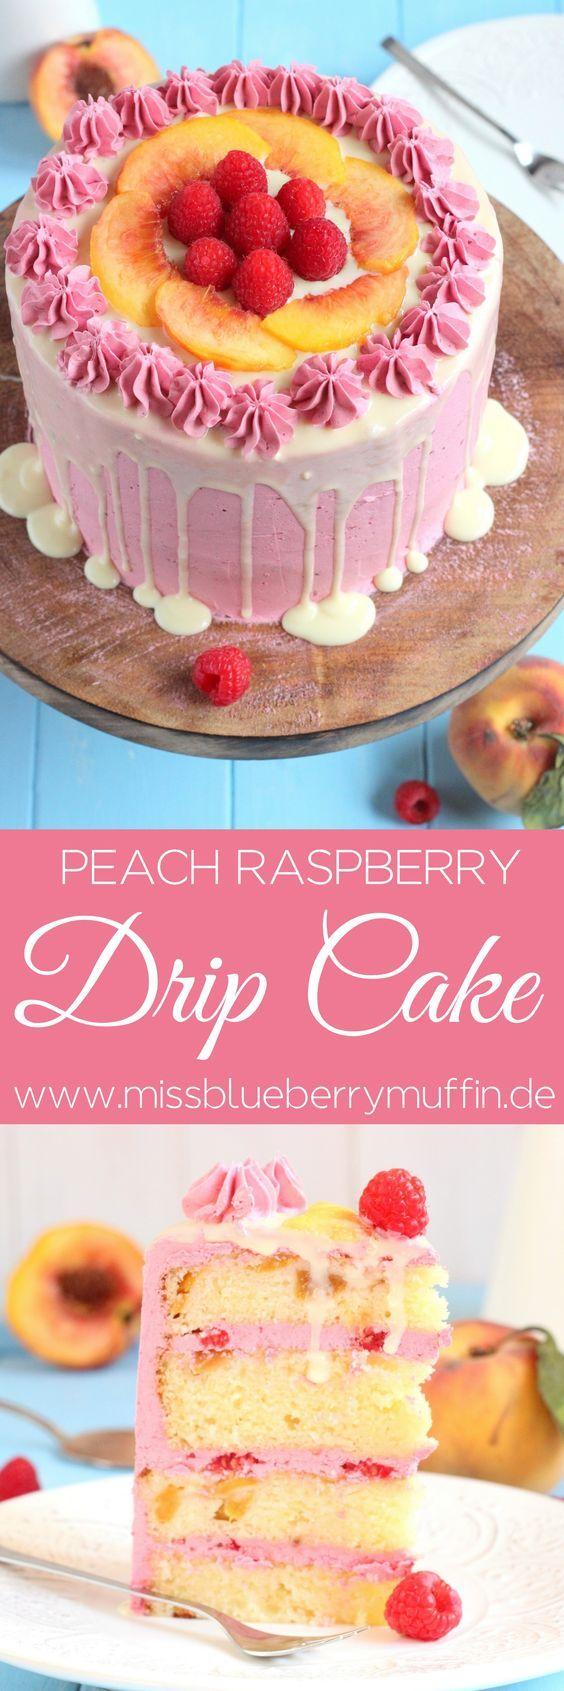 Pfirsich Himbeer Torte // Peach Raspberry Drip Cake <3  Wunderteig   Italienische Buttercreme mit Marmelade